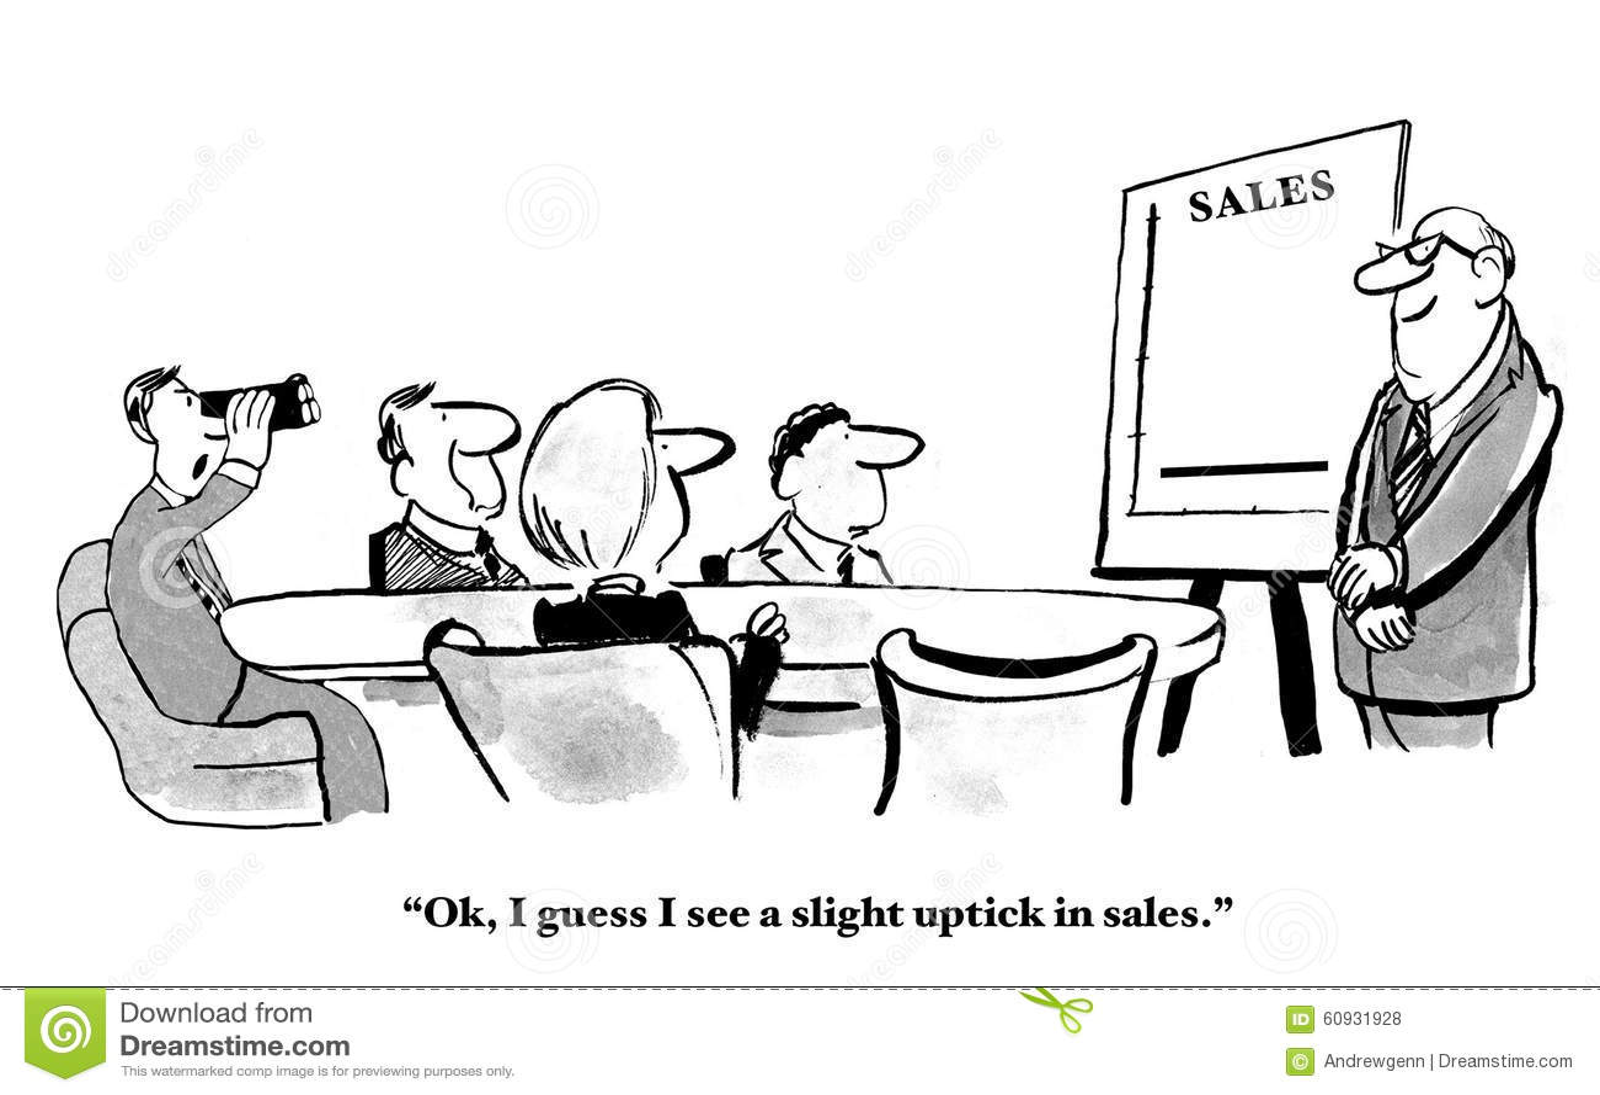 Niewielki wzrost w sprzedażach